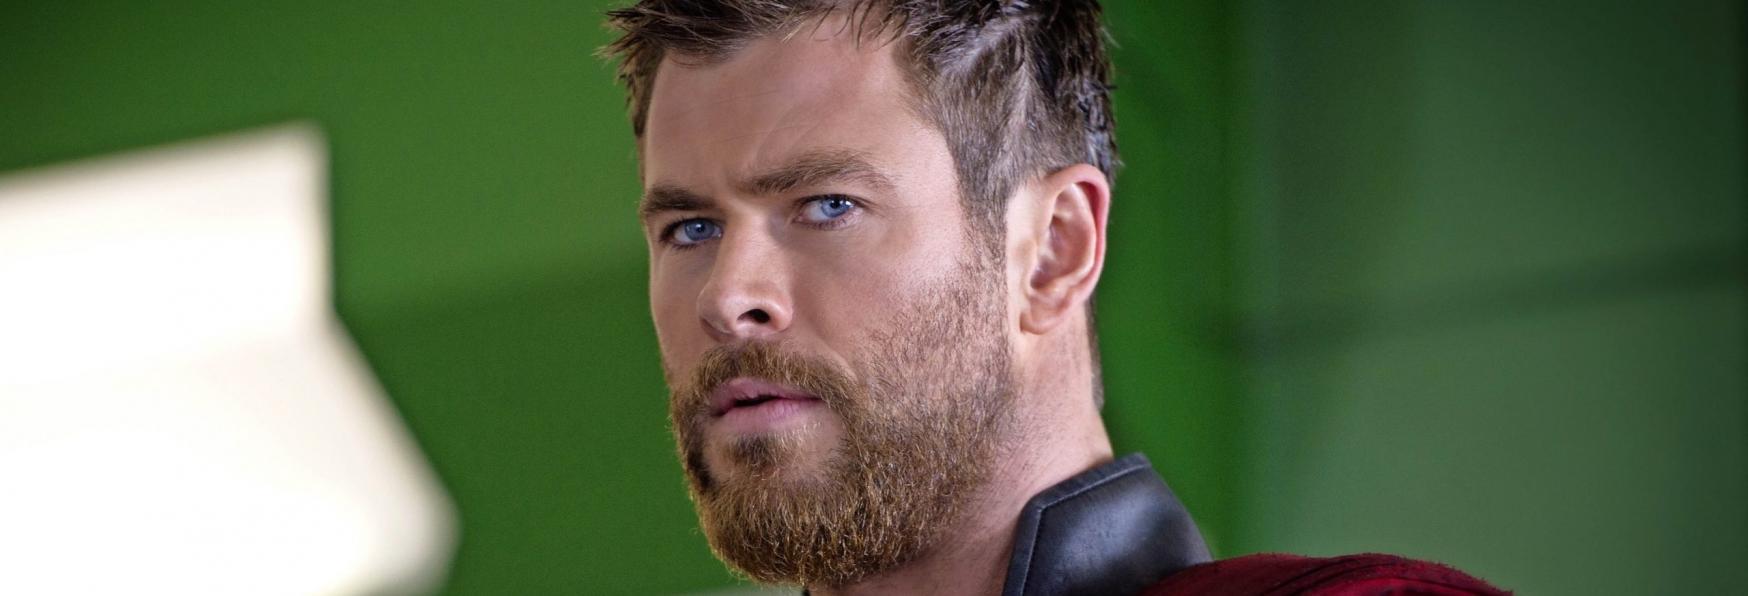 Perché il Loki del Marvel Cinematic Universe che conosciamo non ha ucciso suo fratello Thor?